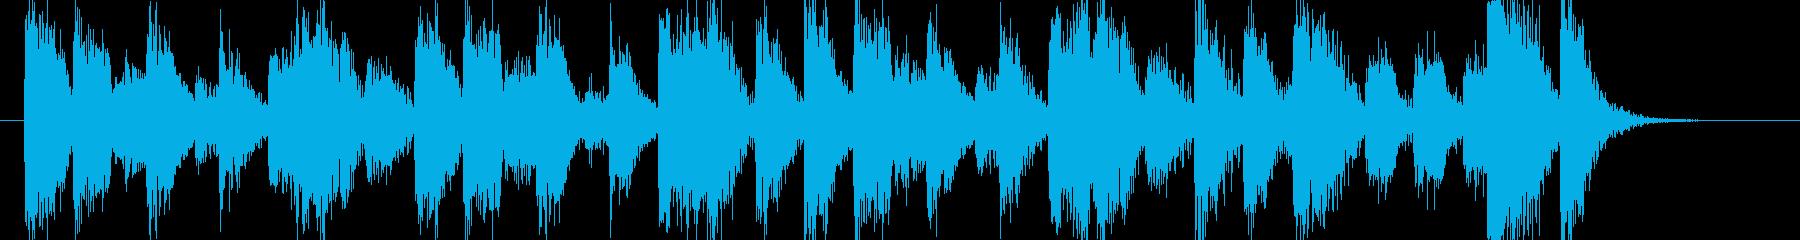 歯切れの良いピアノのジングル002の再生済みの波形